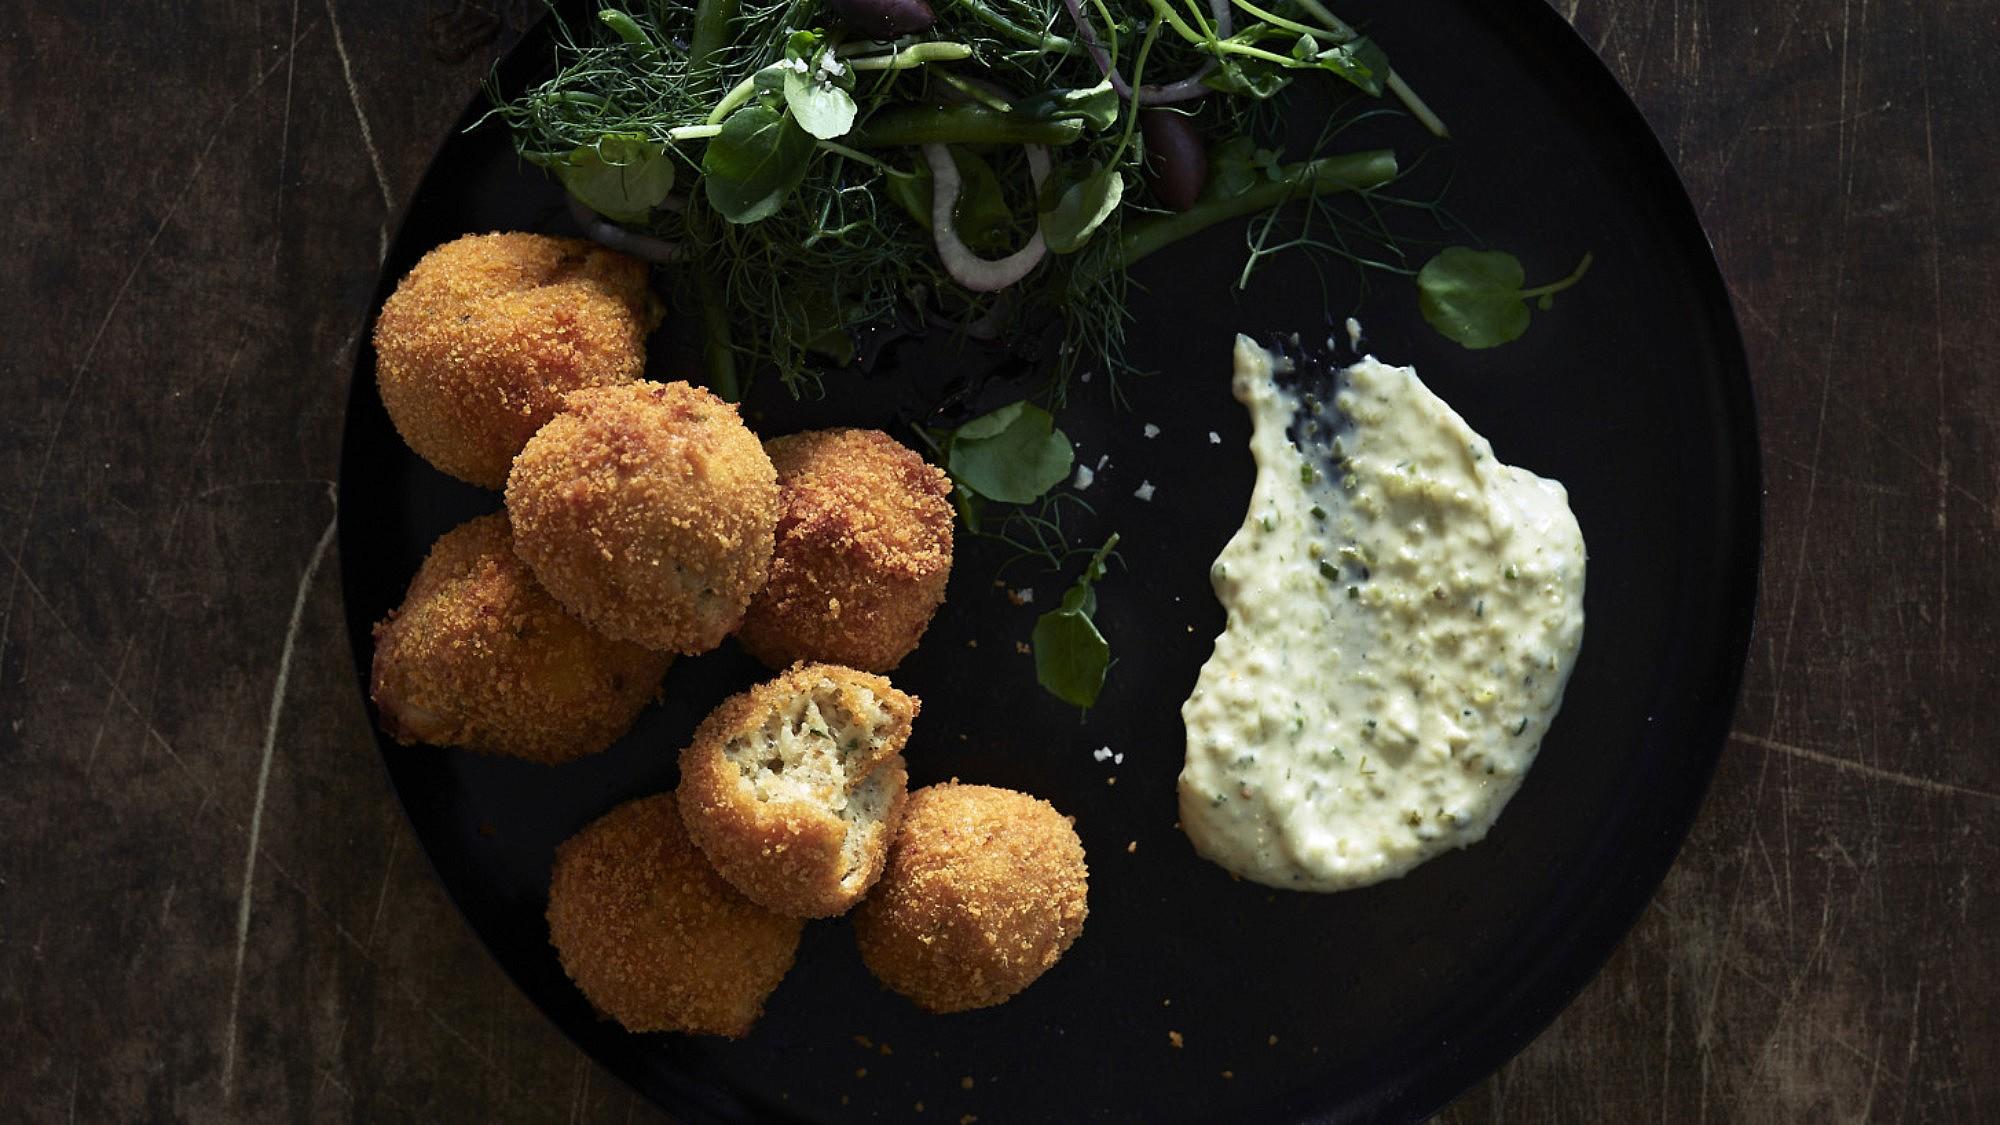 קרוקטים של שף עינב אזגורי. צילום: אנטולי מיכאלו, סטיילינג: דלית רוסו